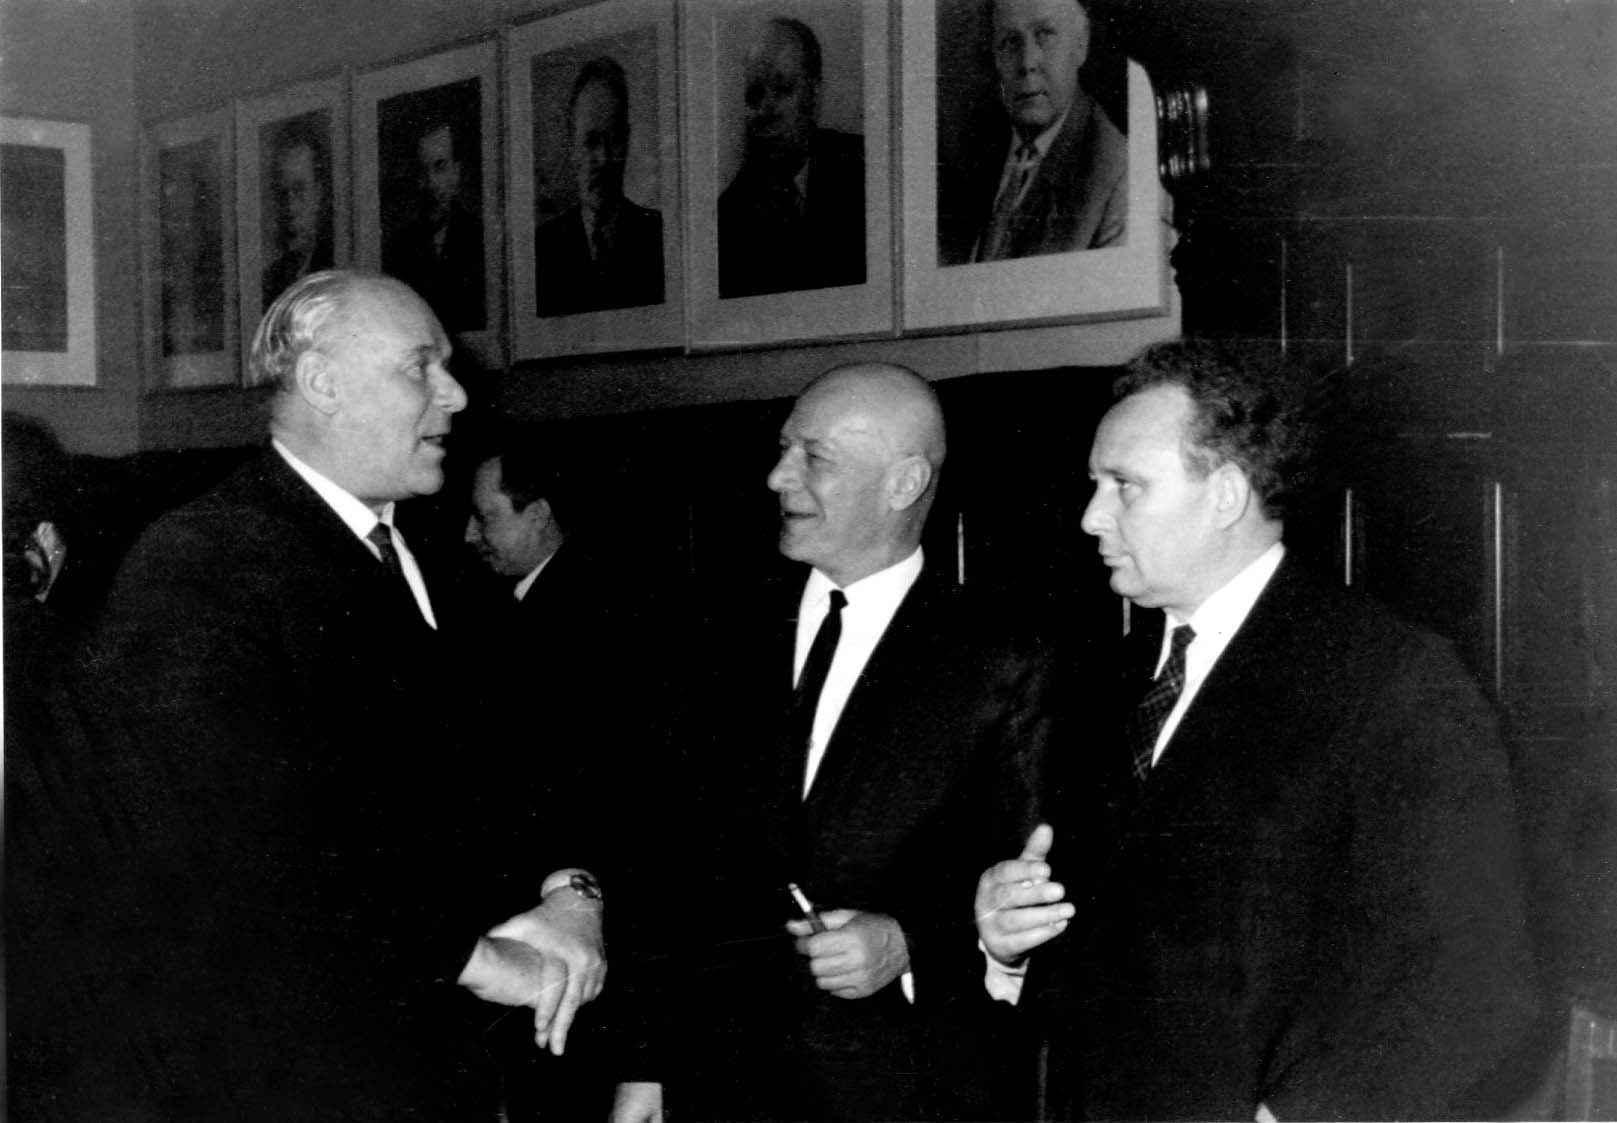 Экспонат #75. В. Осьминин, Н. Грибачёв и И. Стаднюк в ЦДЛ. 27 февраля 1968 года